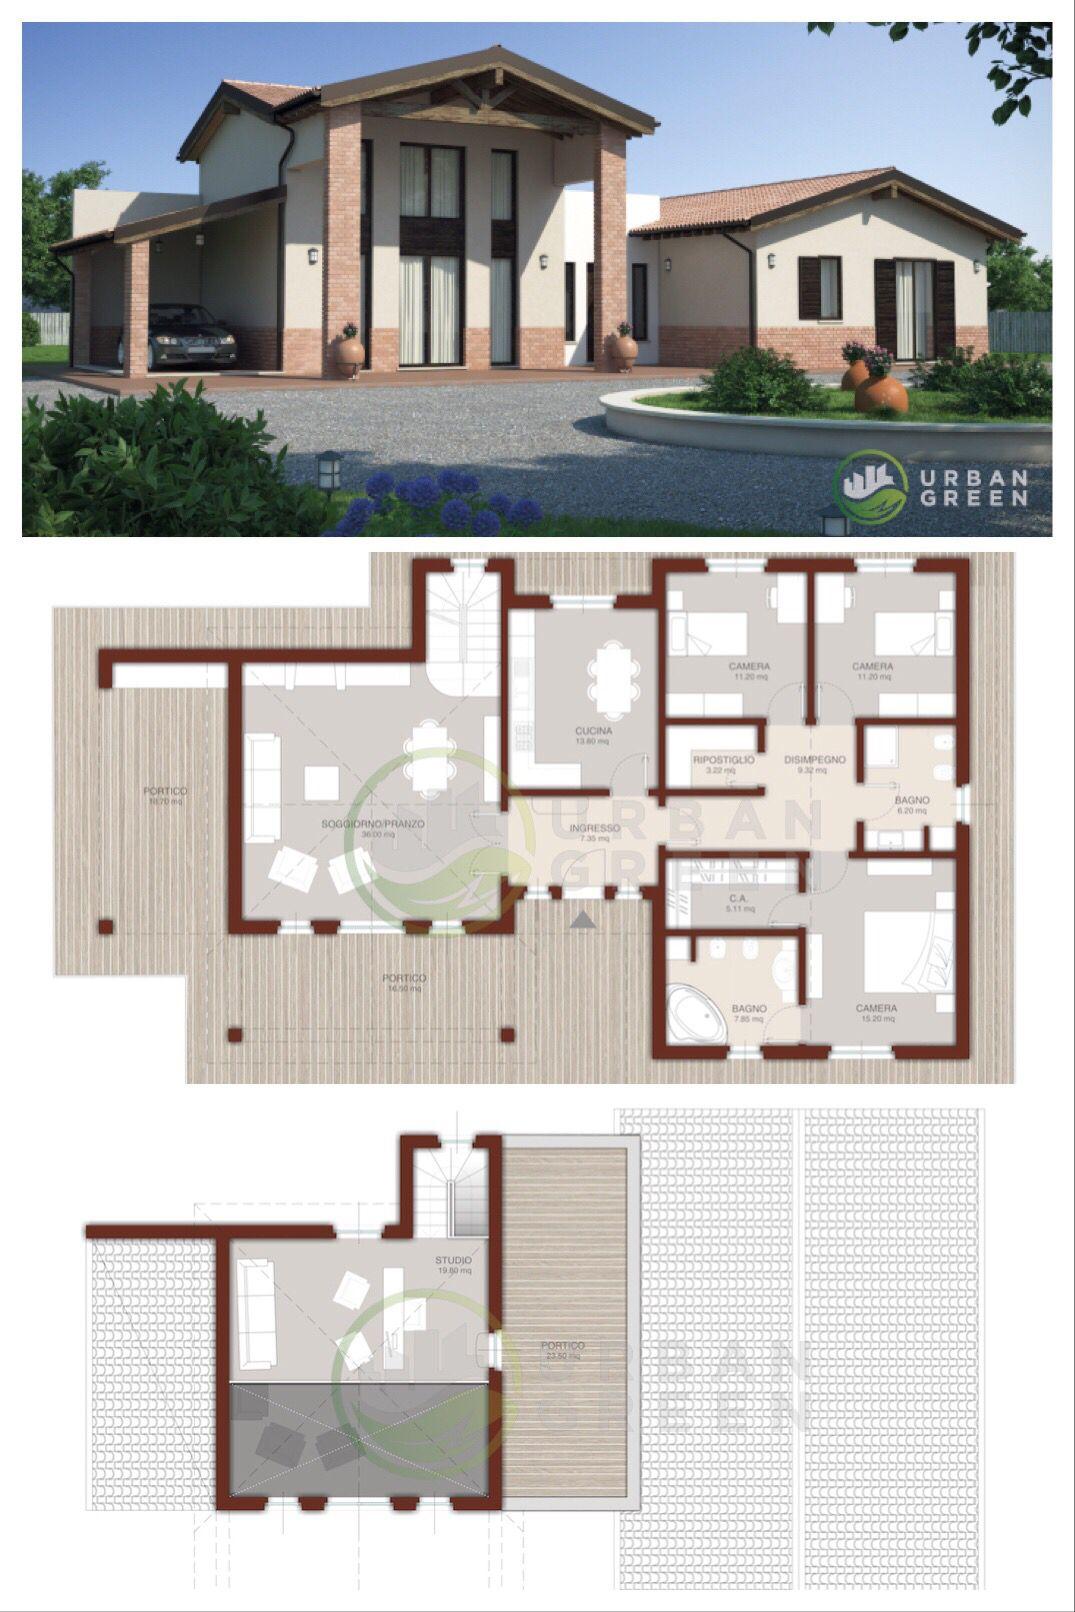 Casa In Legno Bipiano Urb10 Urban Green Case Di Legno Stili